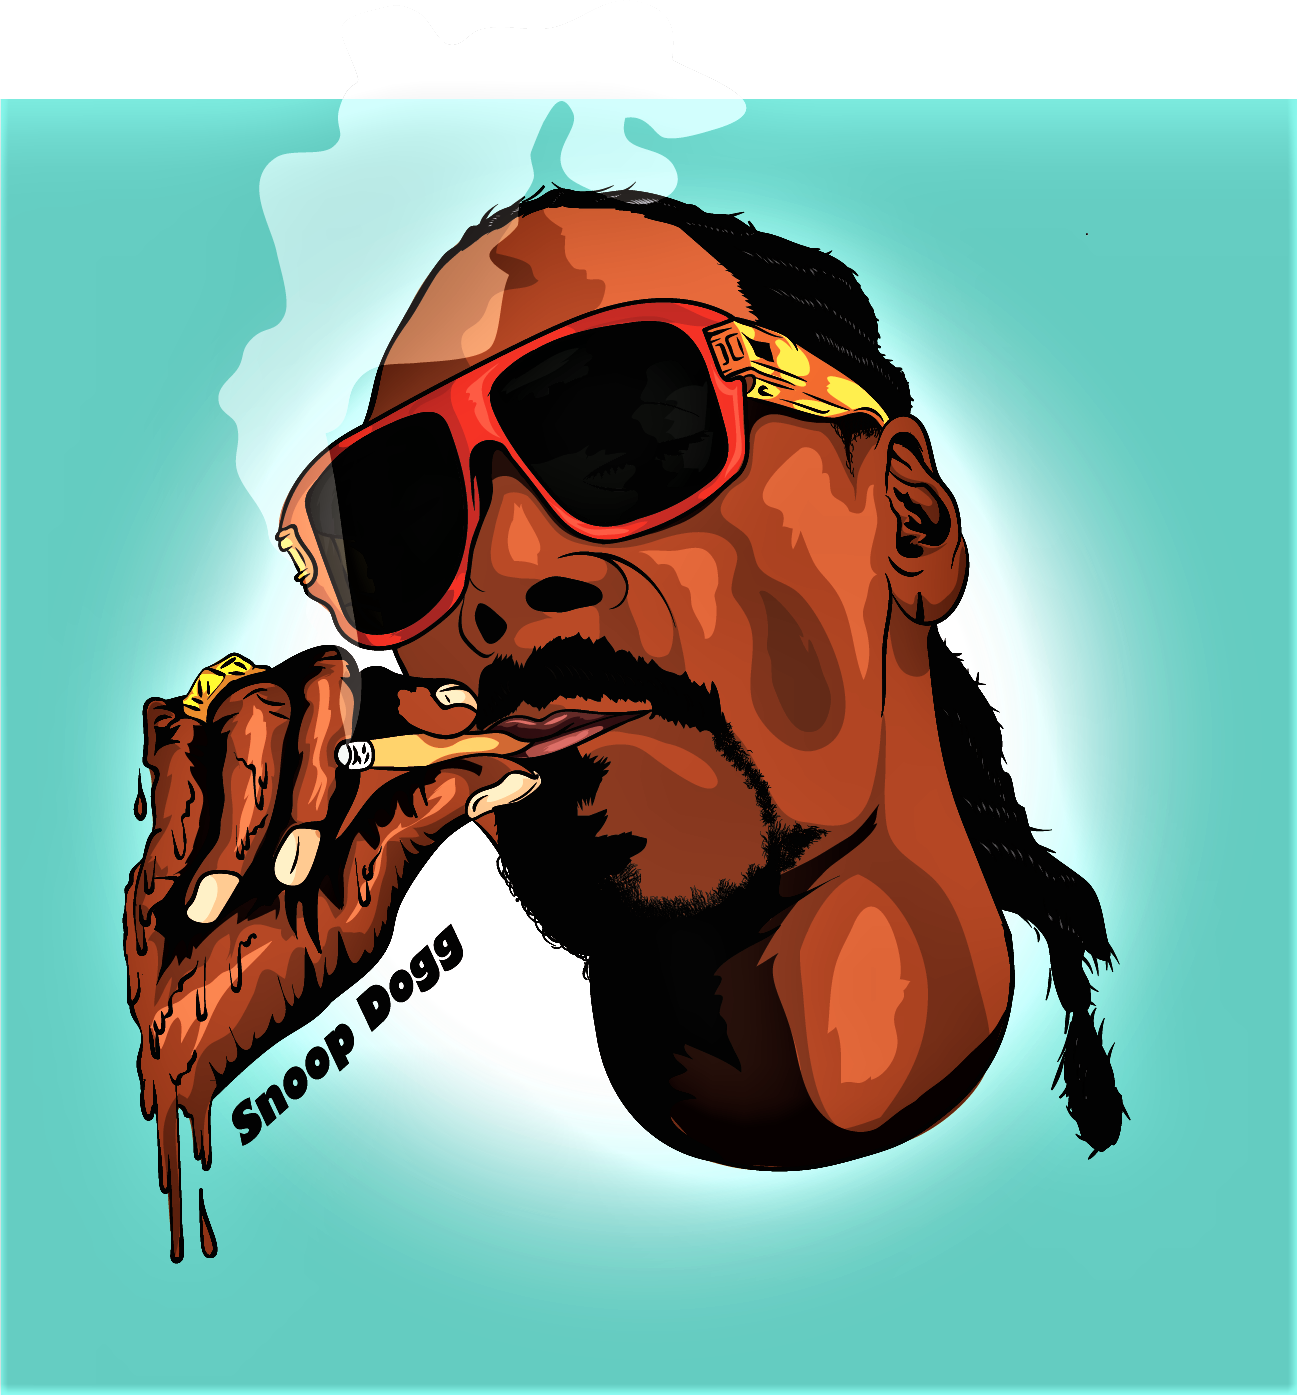 Google Image Result For Https I Pinimg Com Originals 18 A0 2c 18a02c402f6cfec2cd40d8bb4eac4637 Png Hip Hop Illustration Hip Hop Art Rapper Art